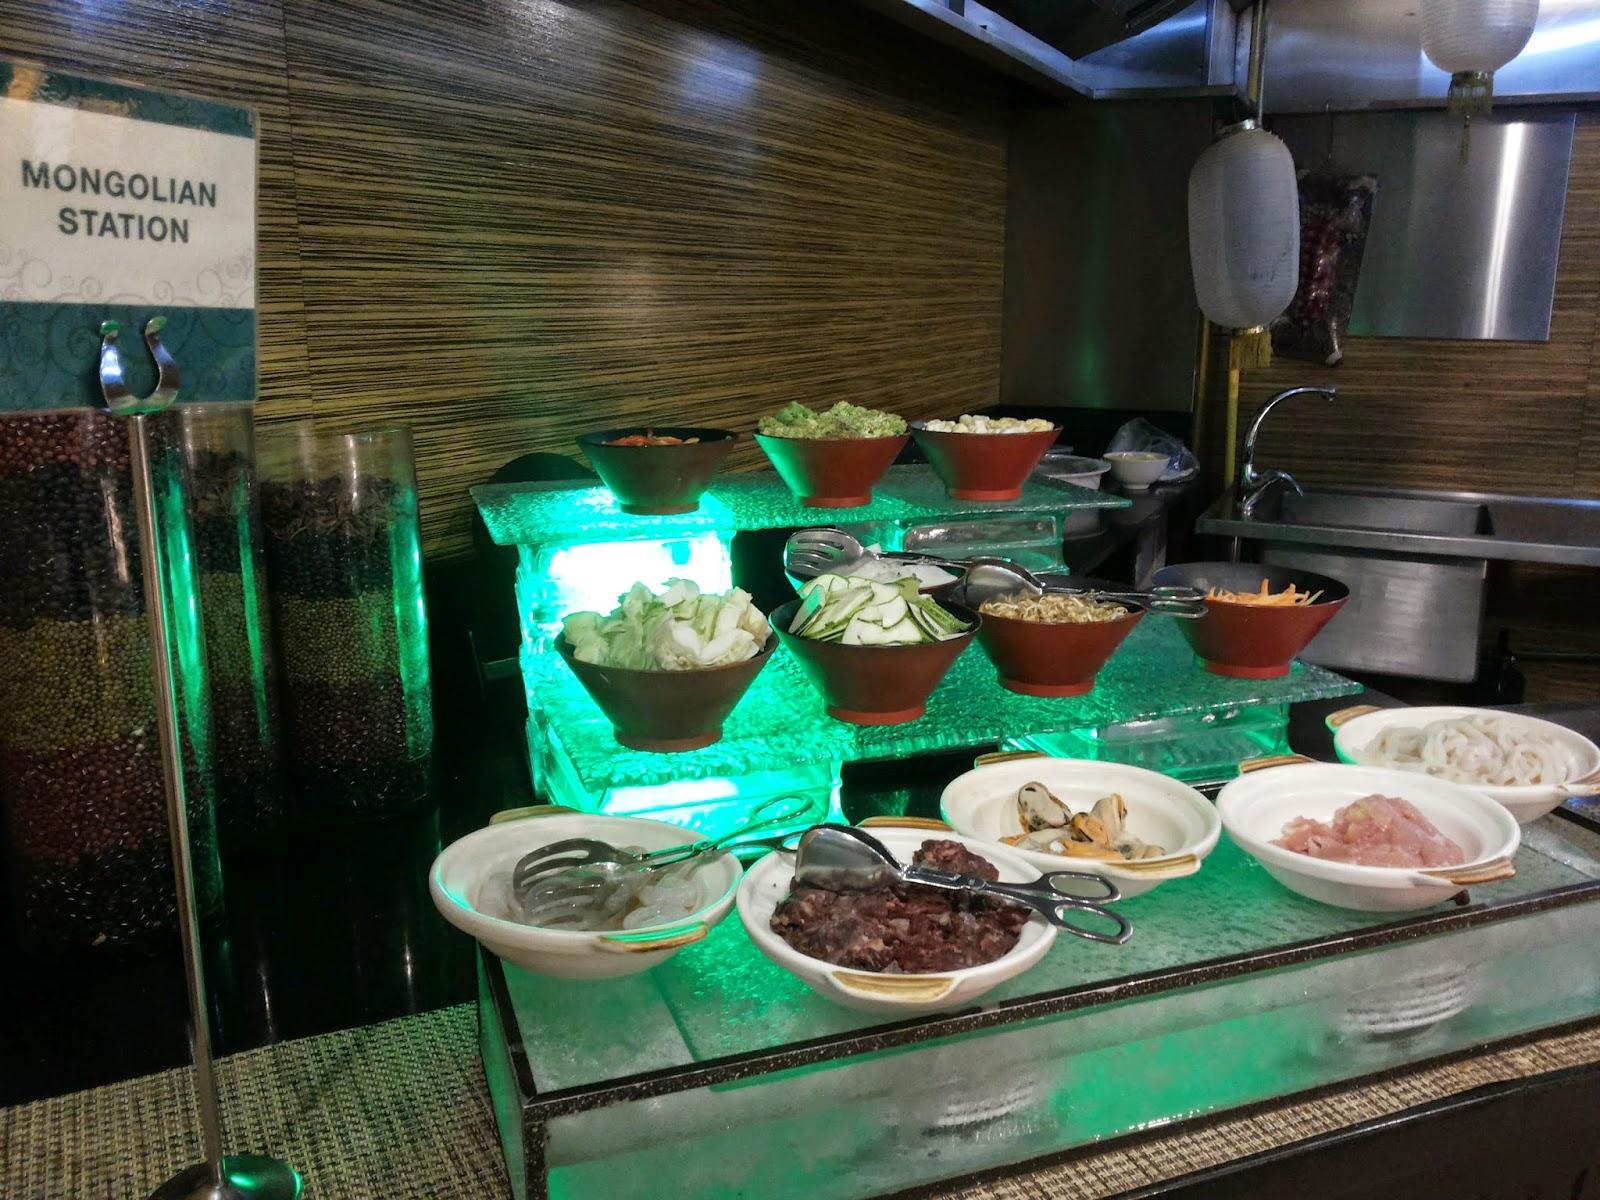 Cafe 'd Asie Restaurant Buffet